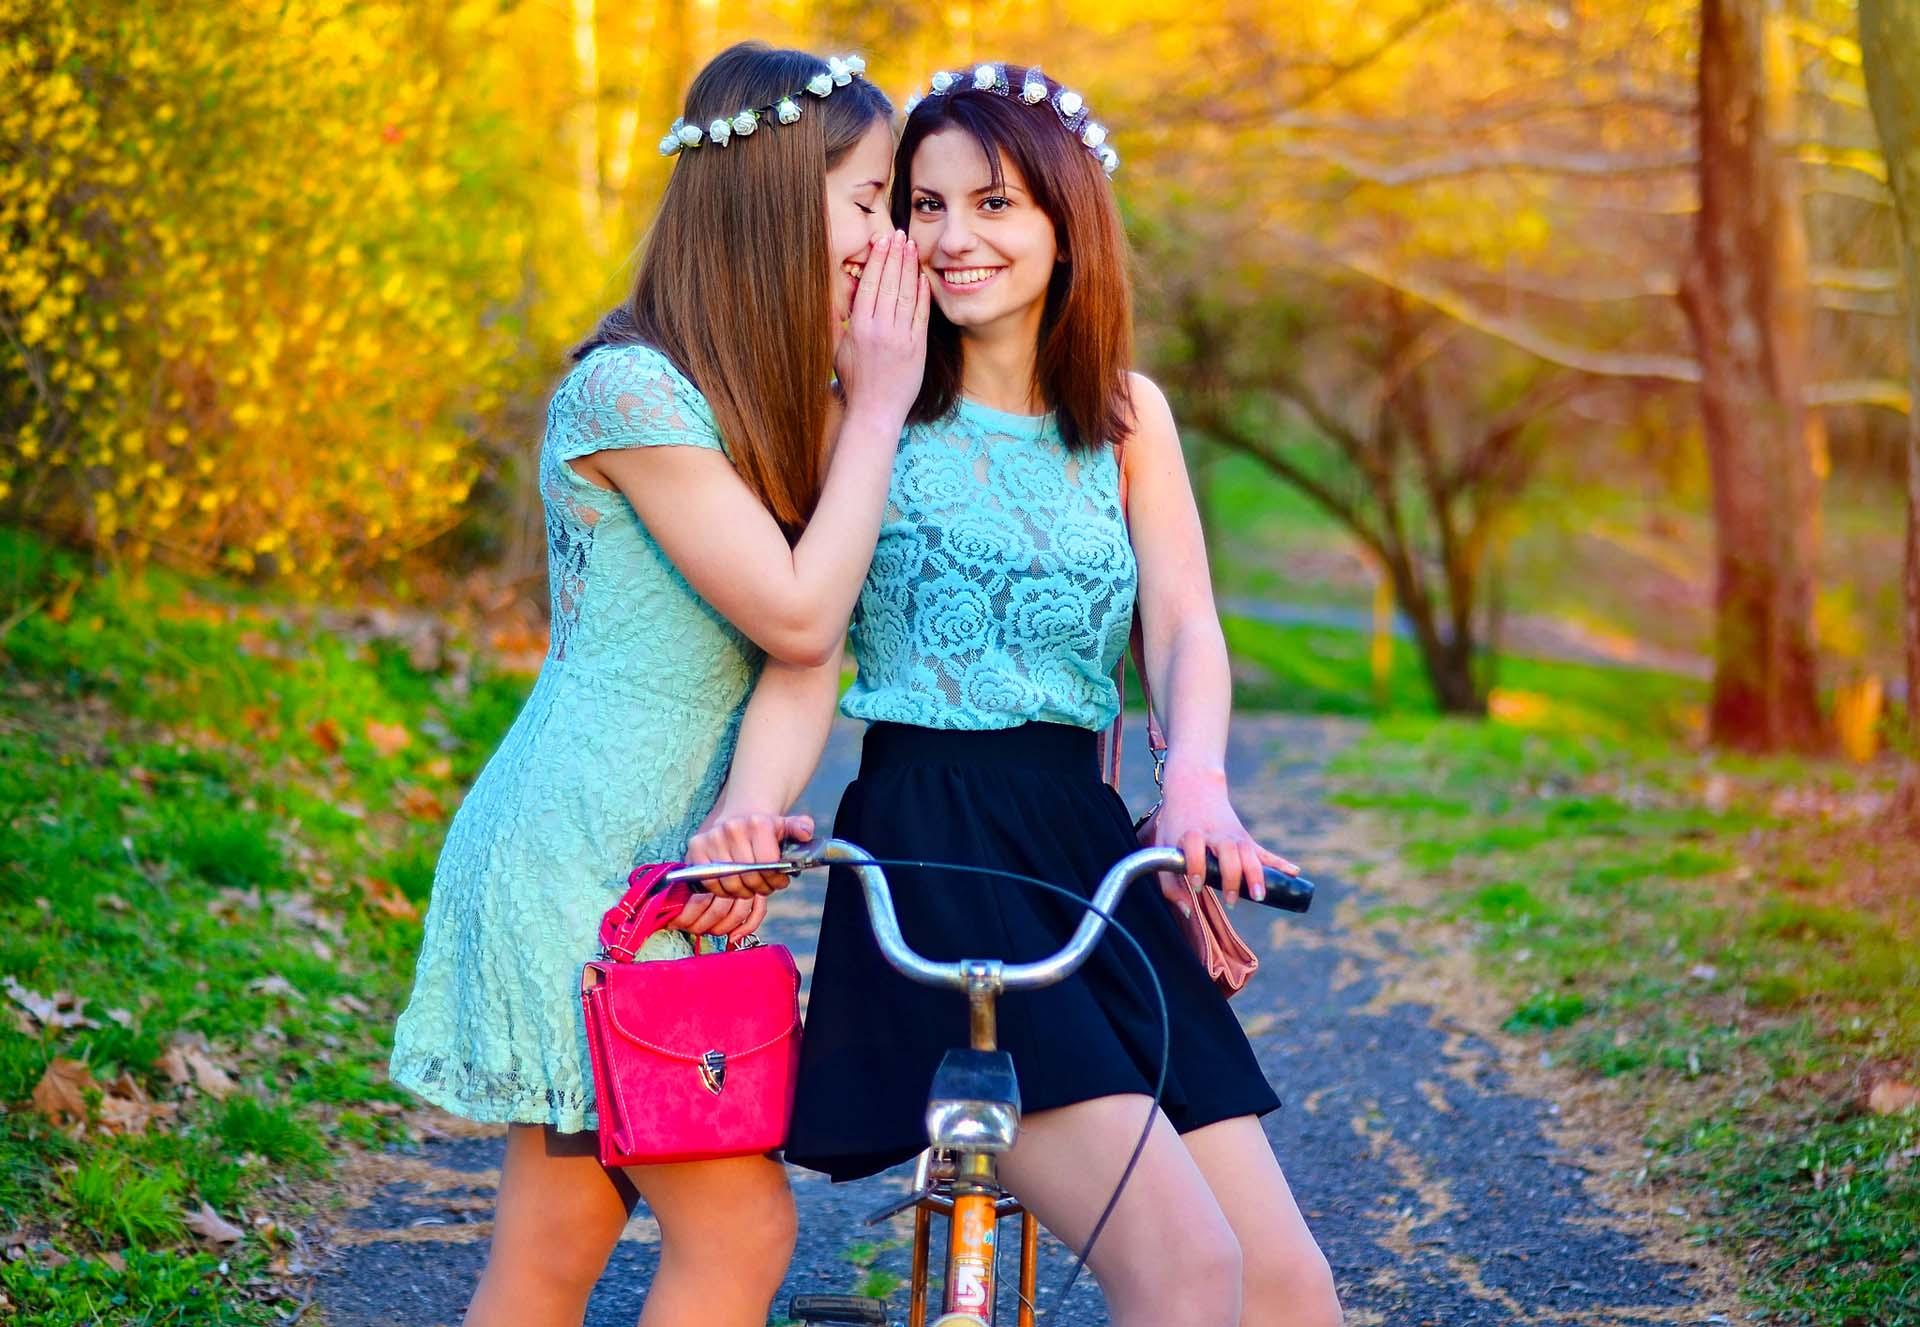 lovely sweet girl image kenetiks model girl full hd lovely wallpaper